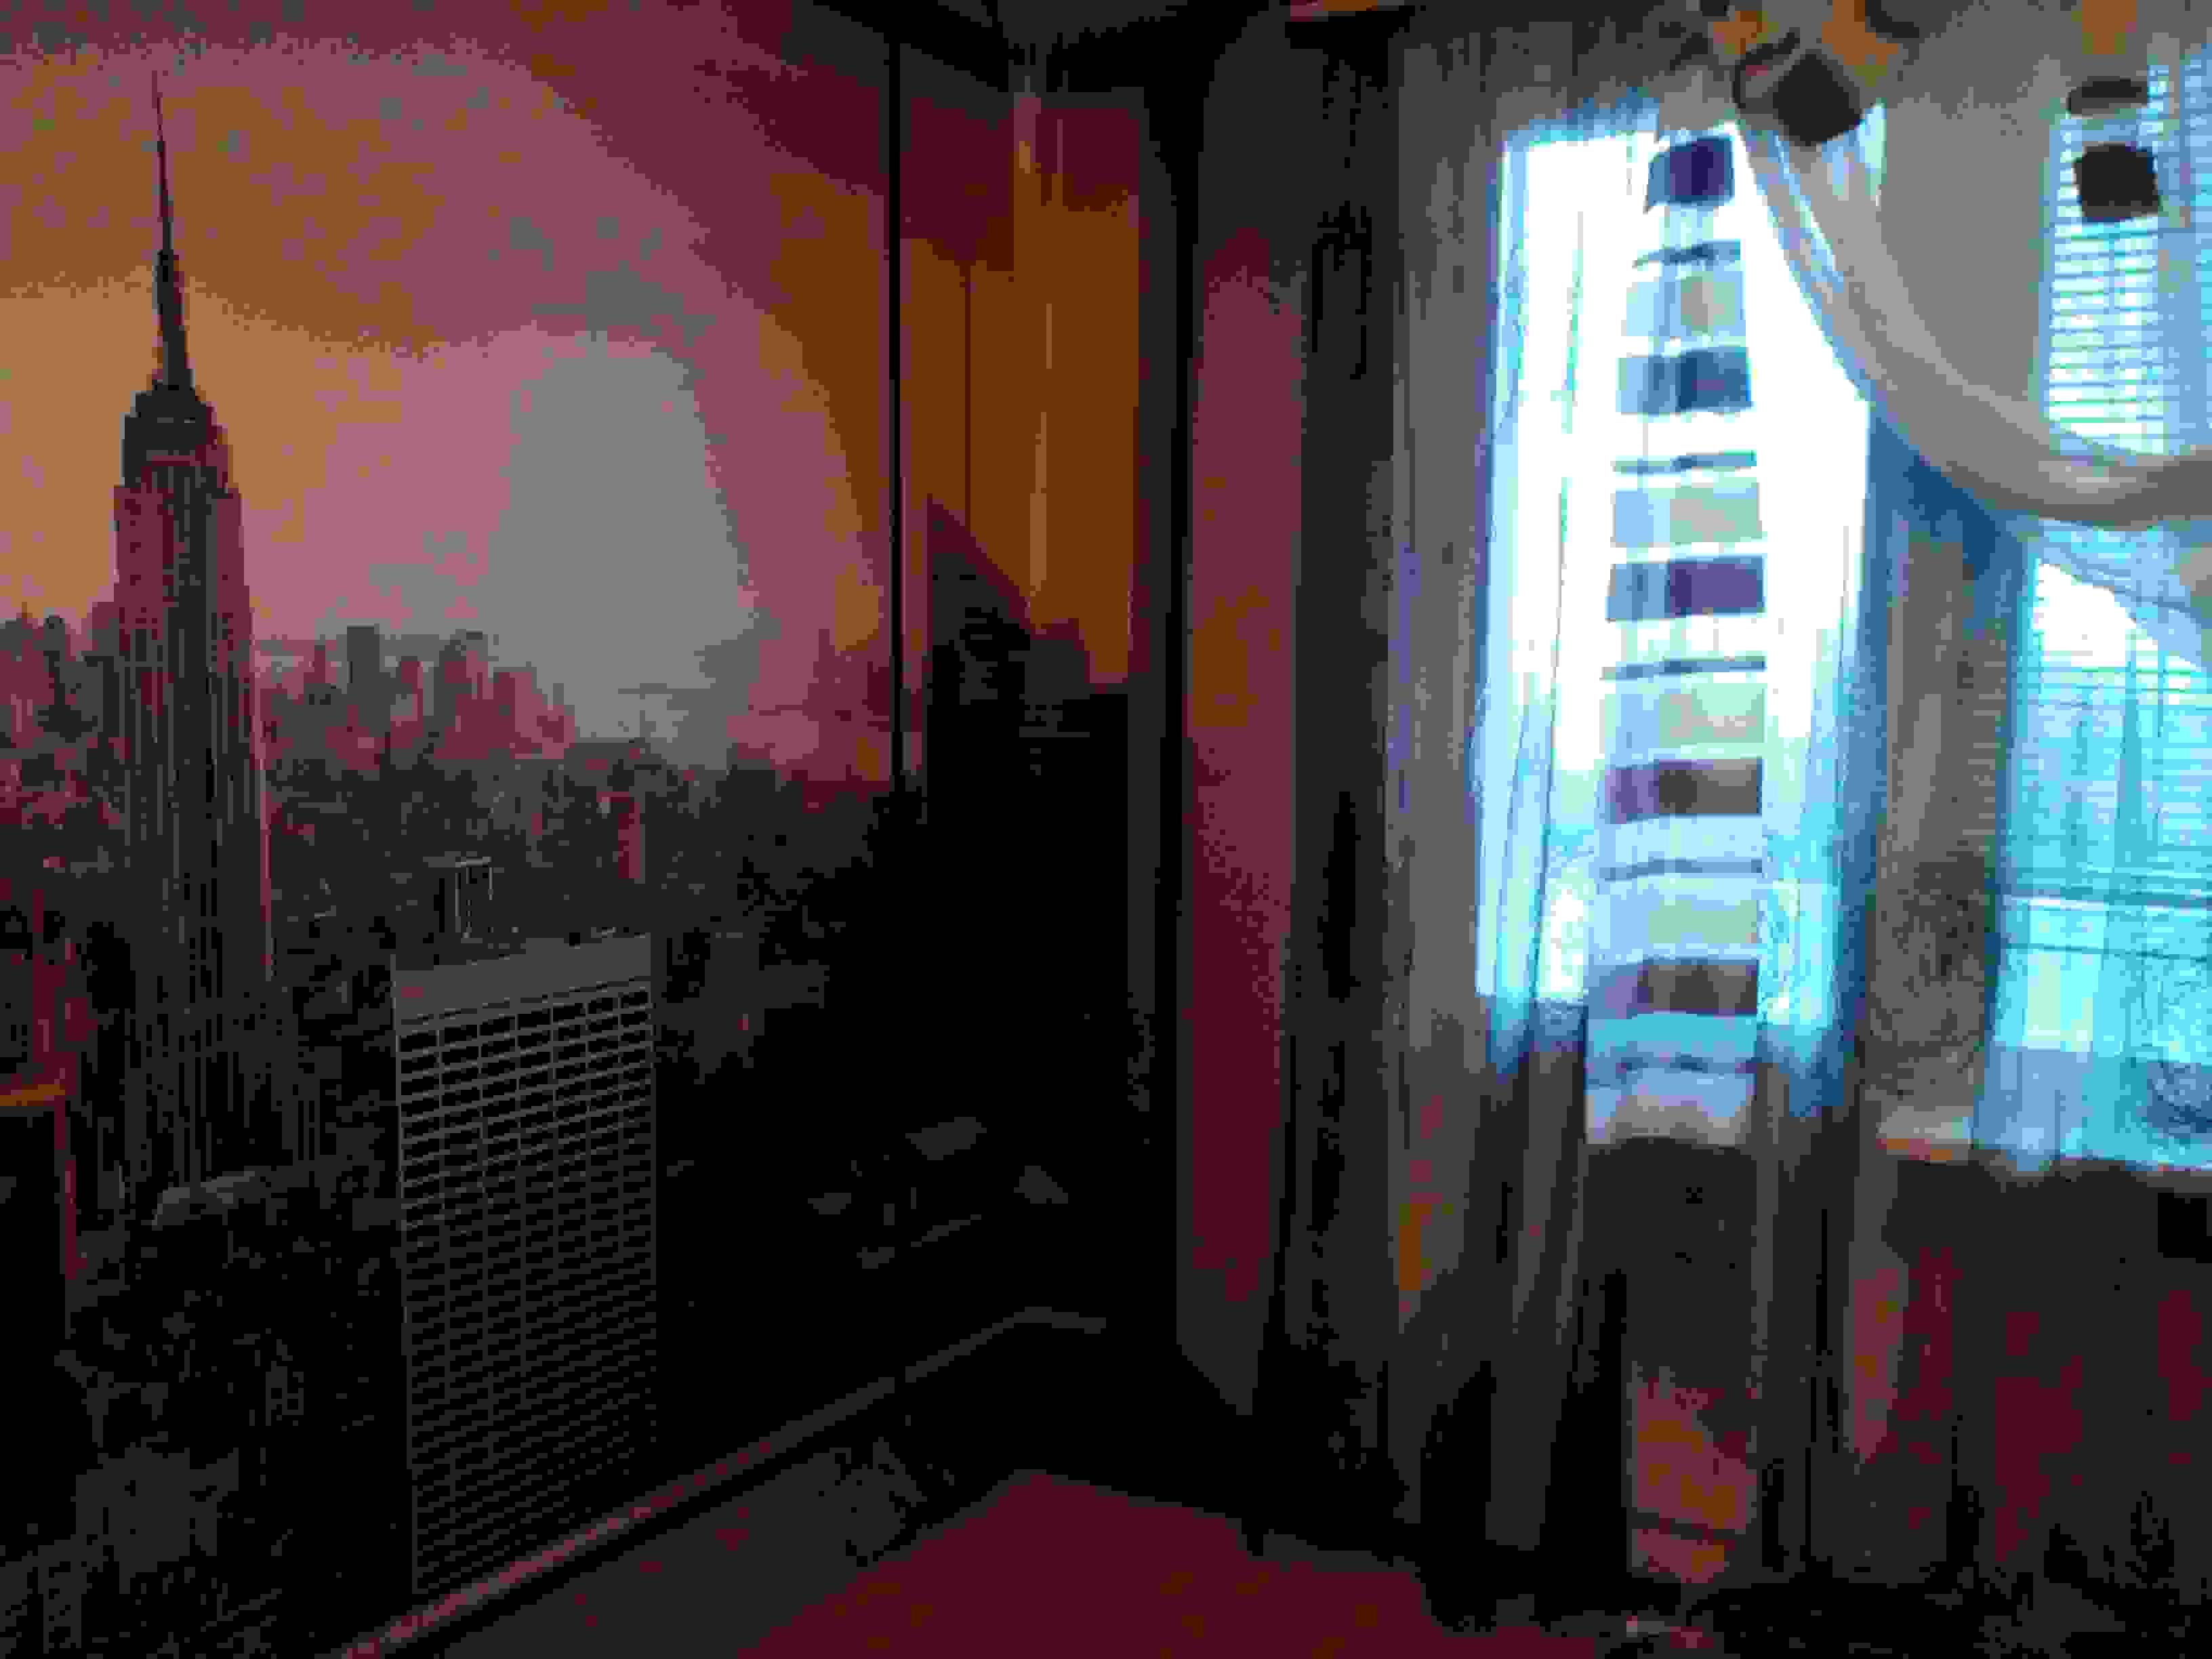 Сдаю 1-2х комнатную квартиру с современным ремонтом на сутки,недели,месяцы.Wi-Fi/Отчетные документы.